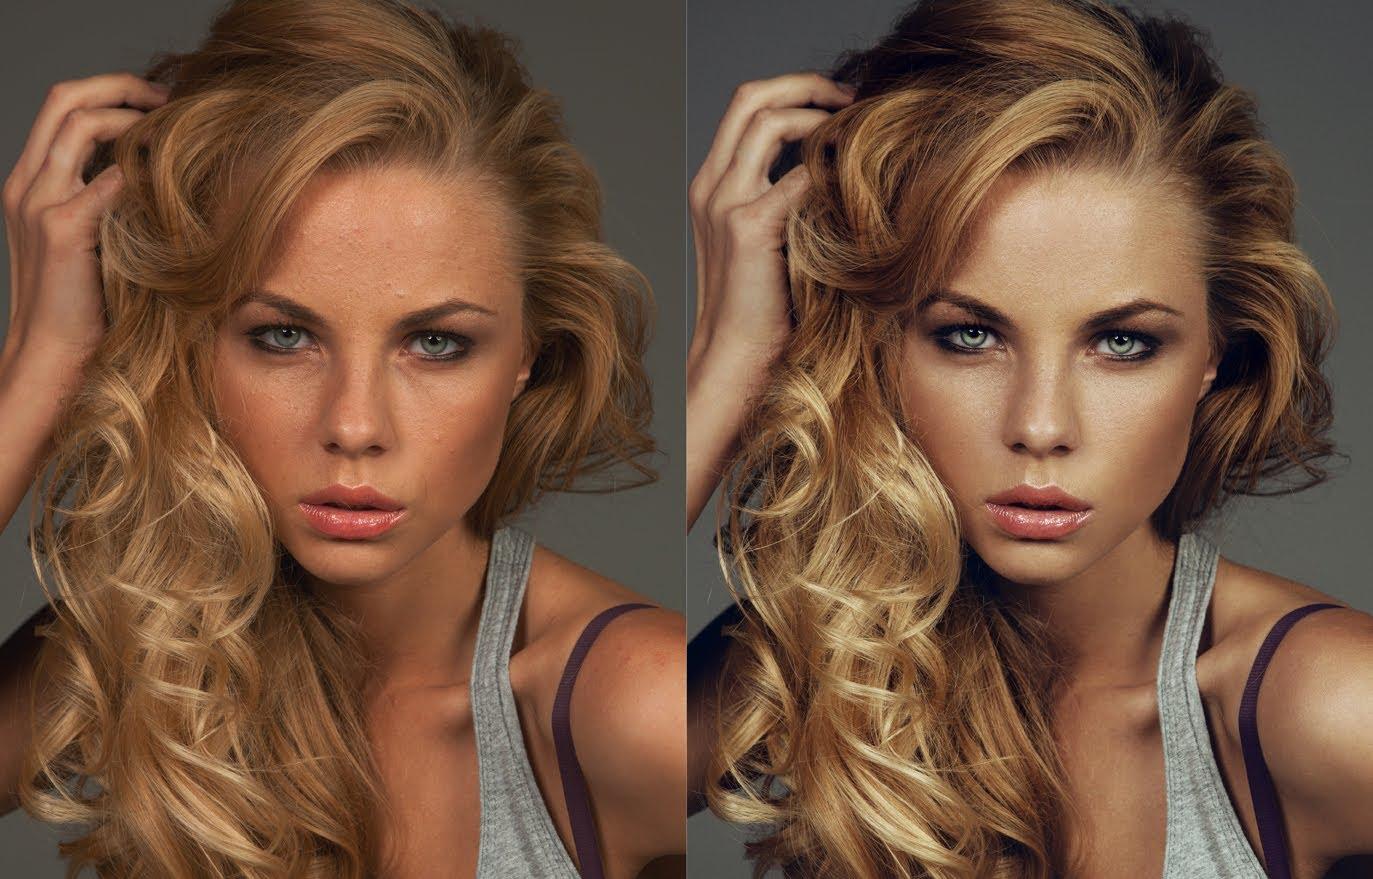 Как выполняется ретушь лица в программах фотошопа